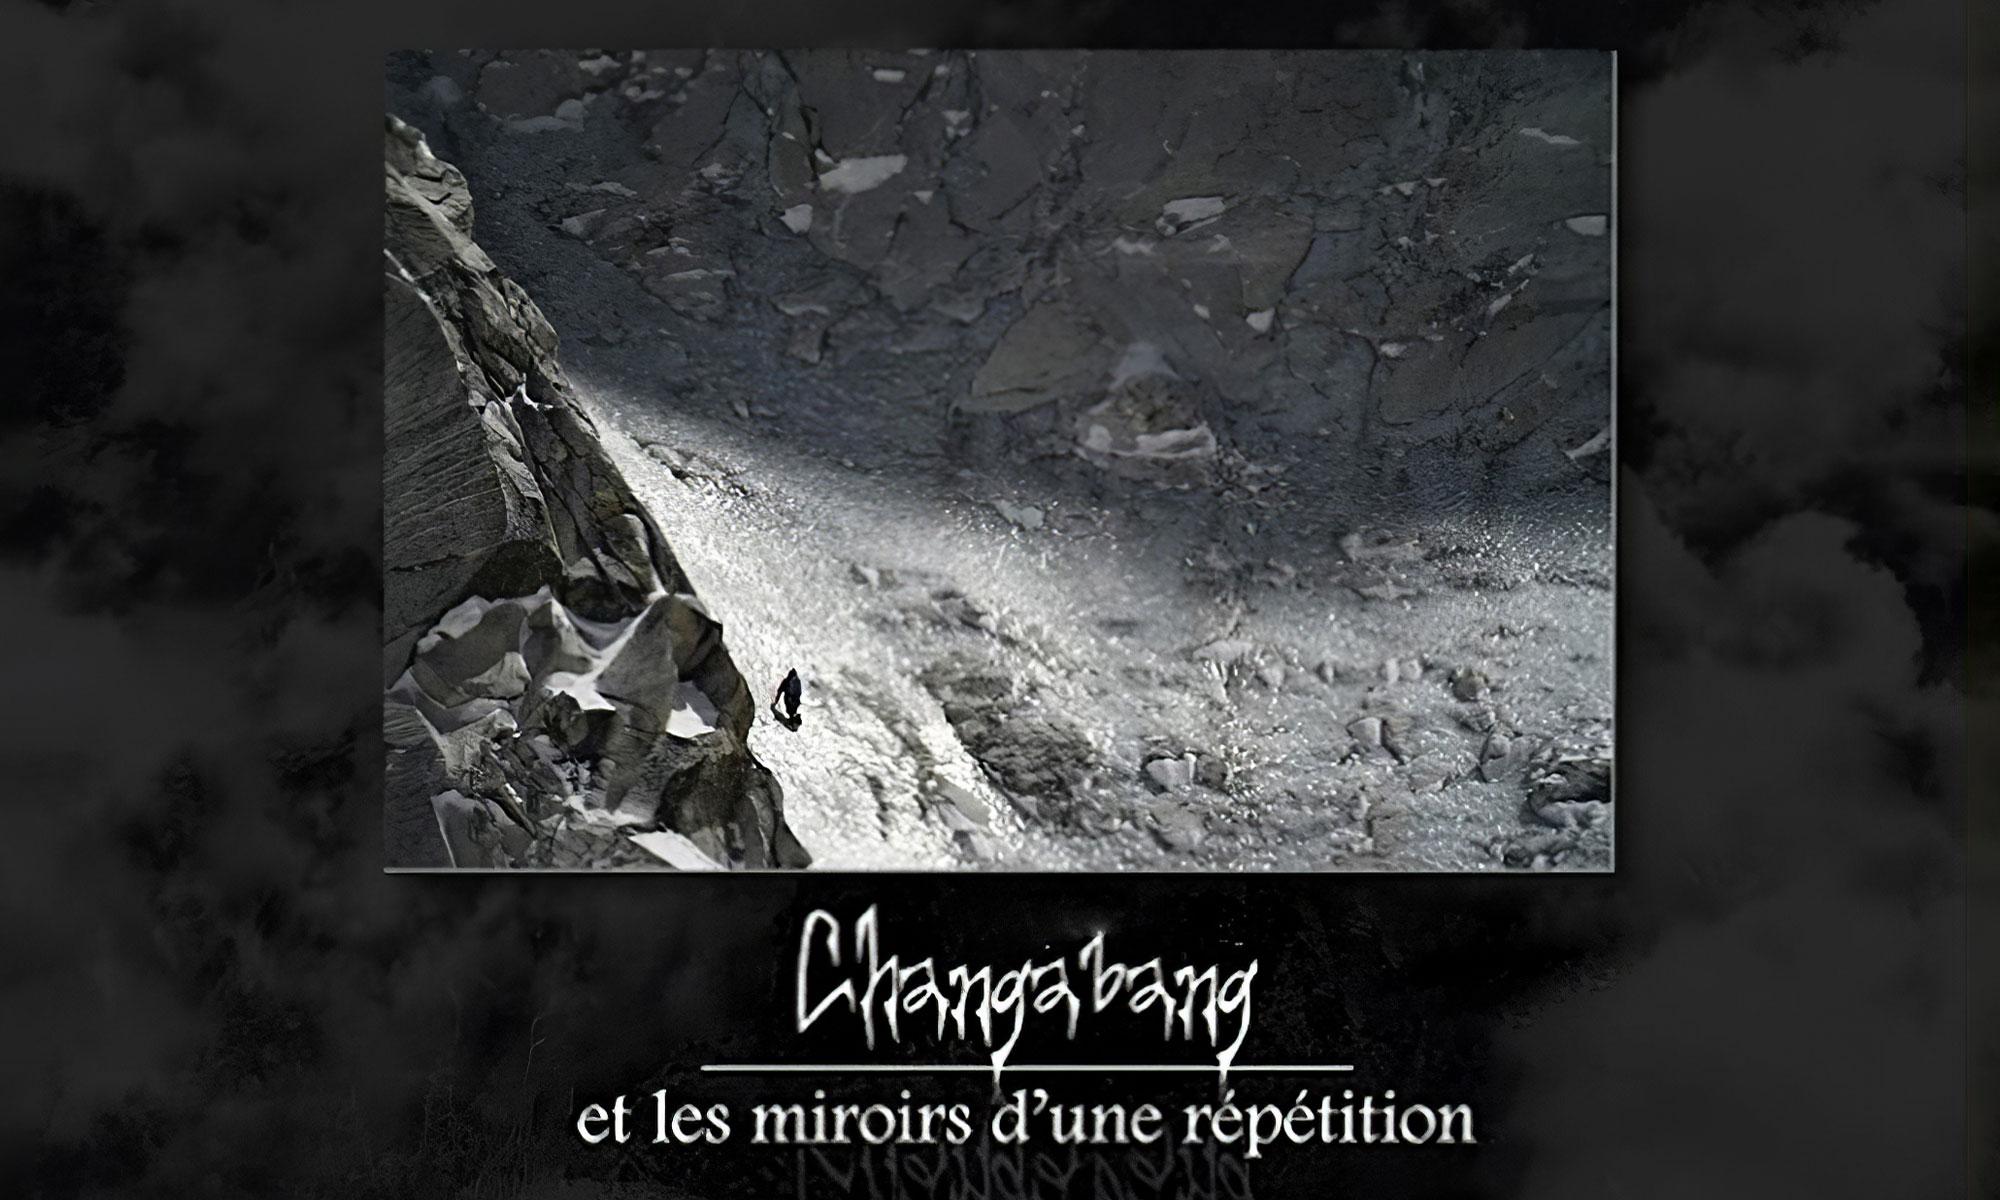 Changabang et les miroirs d'une répétition